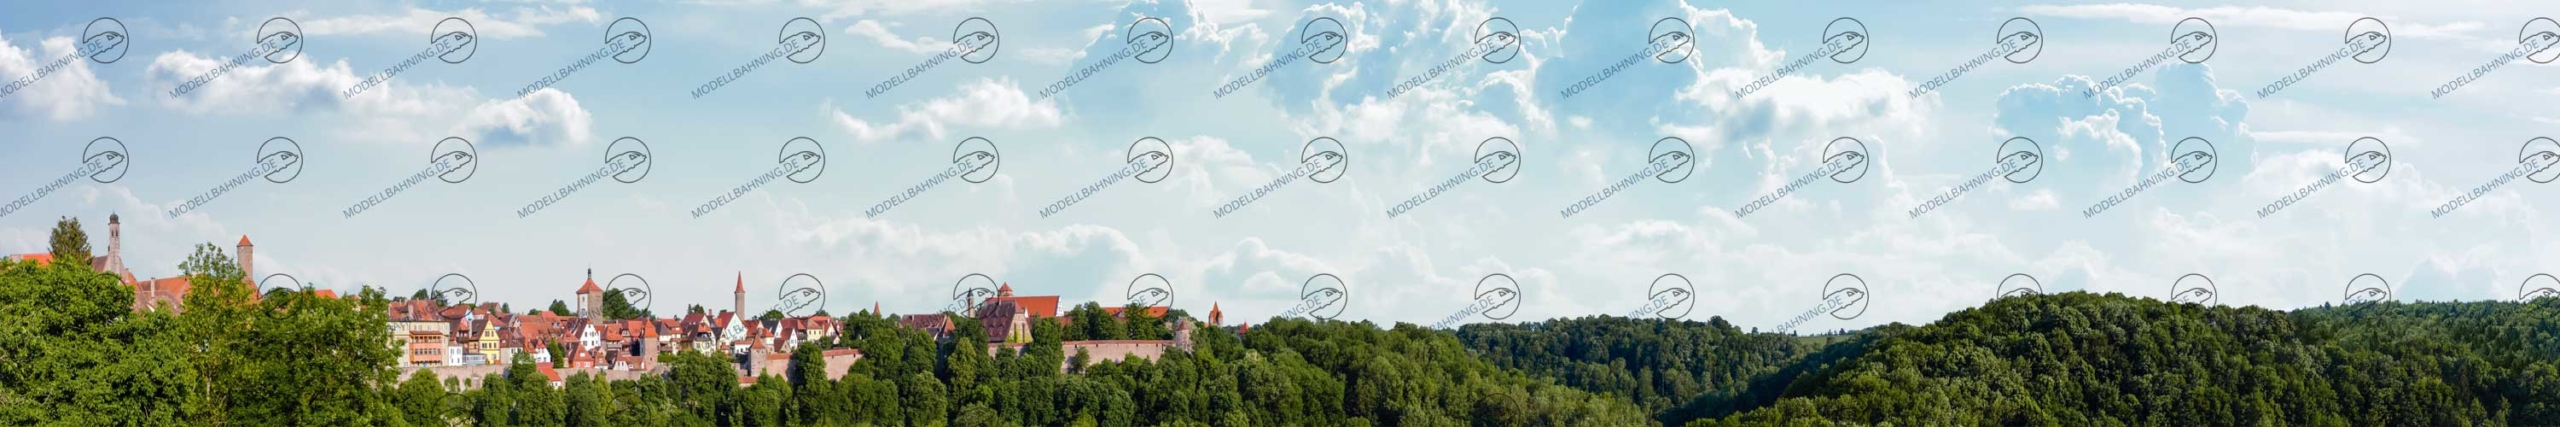 Modellbahn Hintergrund mit mittelalterlicher Stadt Rothenburg auf einem Hügel.